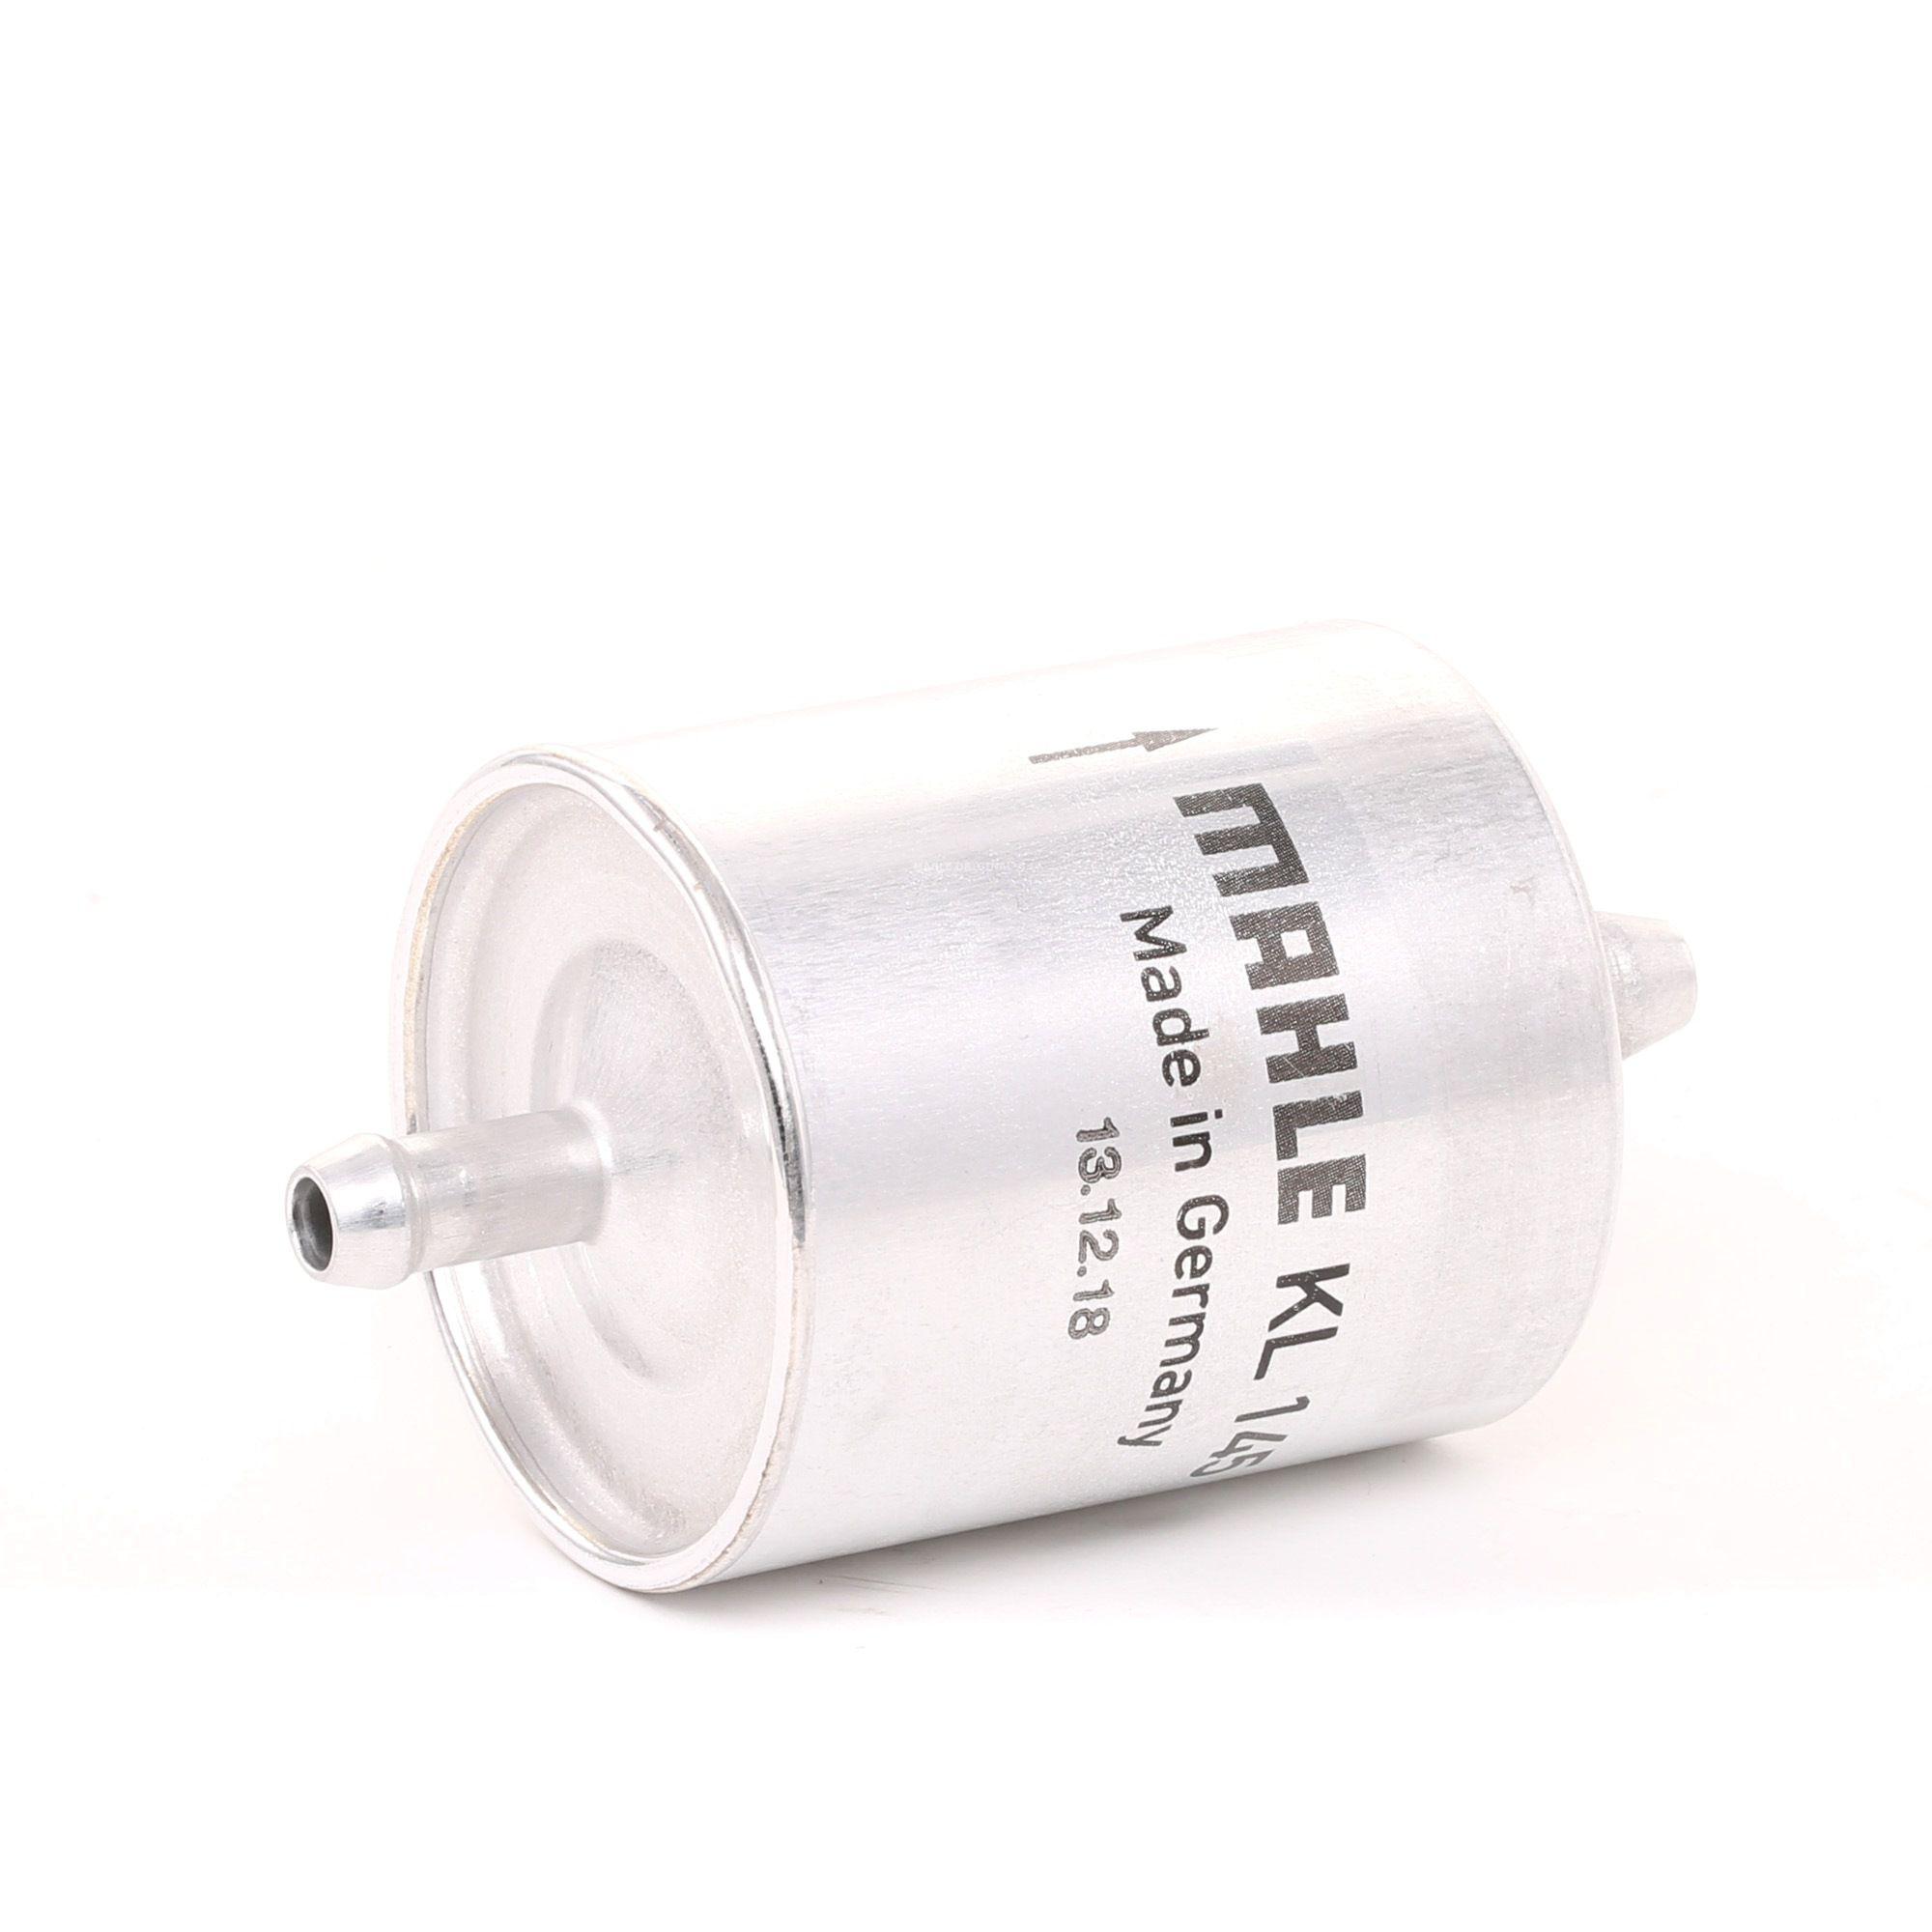 Moto MAHLE ORIGINAL Pijpfilter Hoogte: 94,0mm, Behuizing diameter: 49,6mm Brandstoffilter KL 145 koop goedkoop